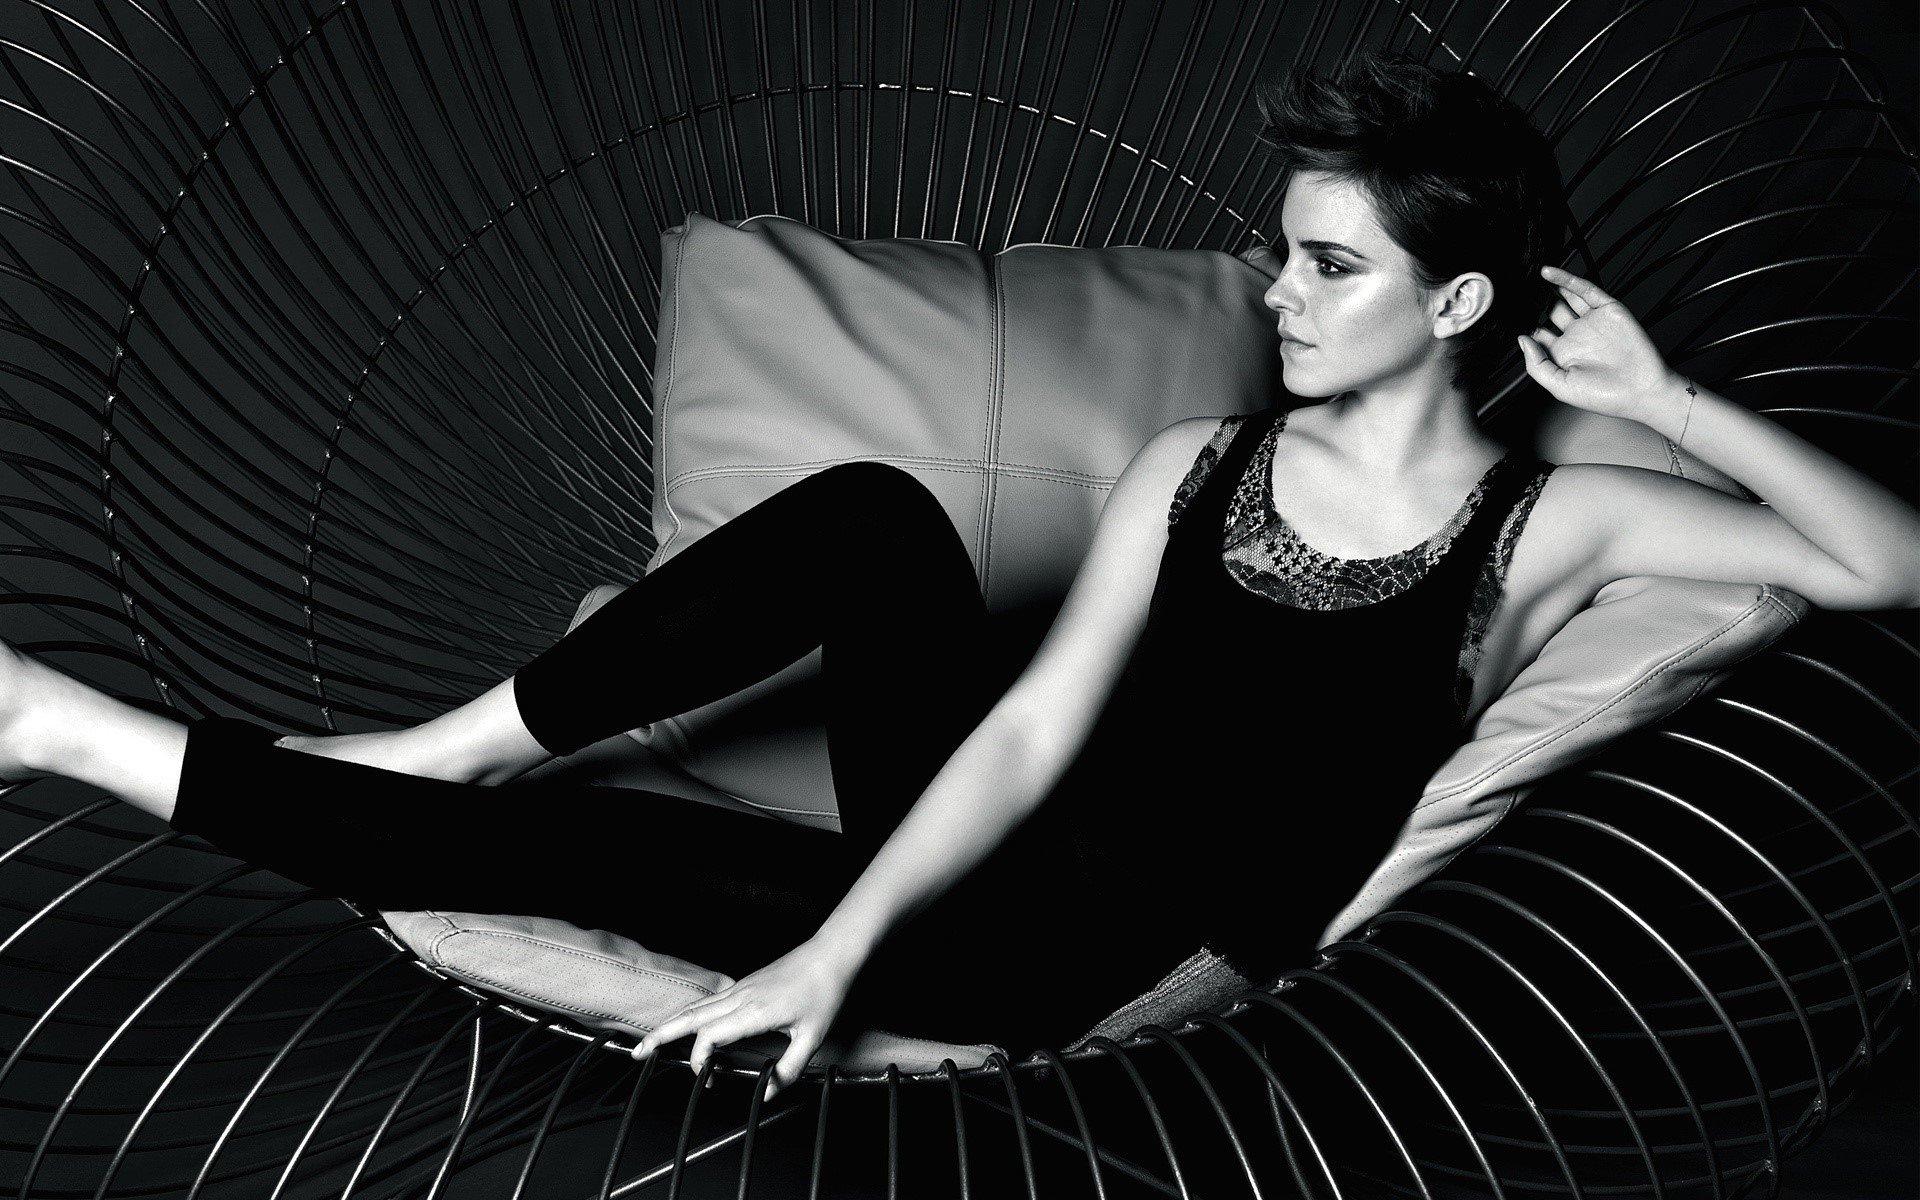 Fondo de pantalla de Emma Watson en una silla Imágenes